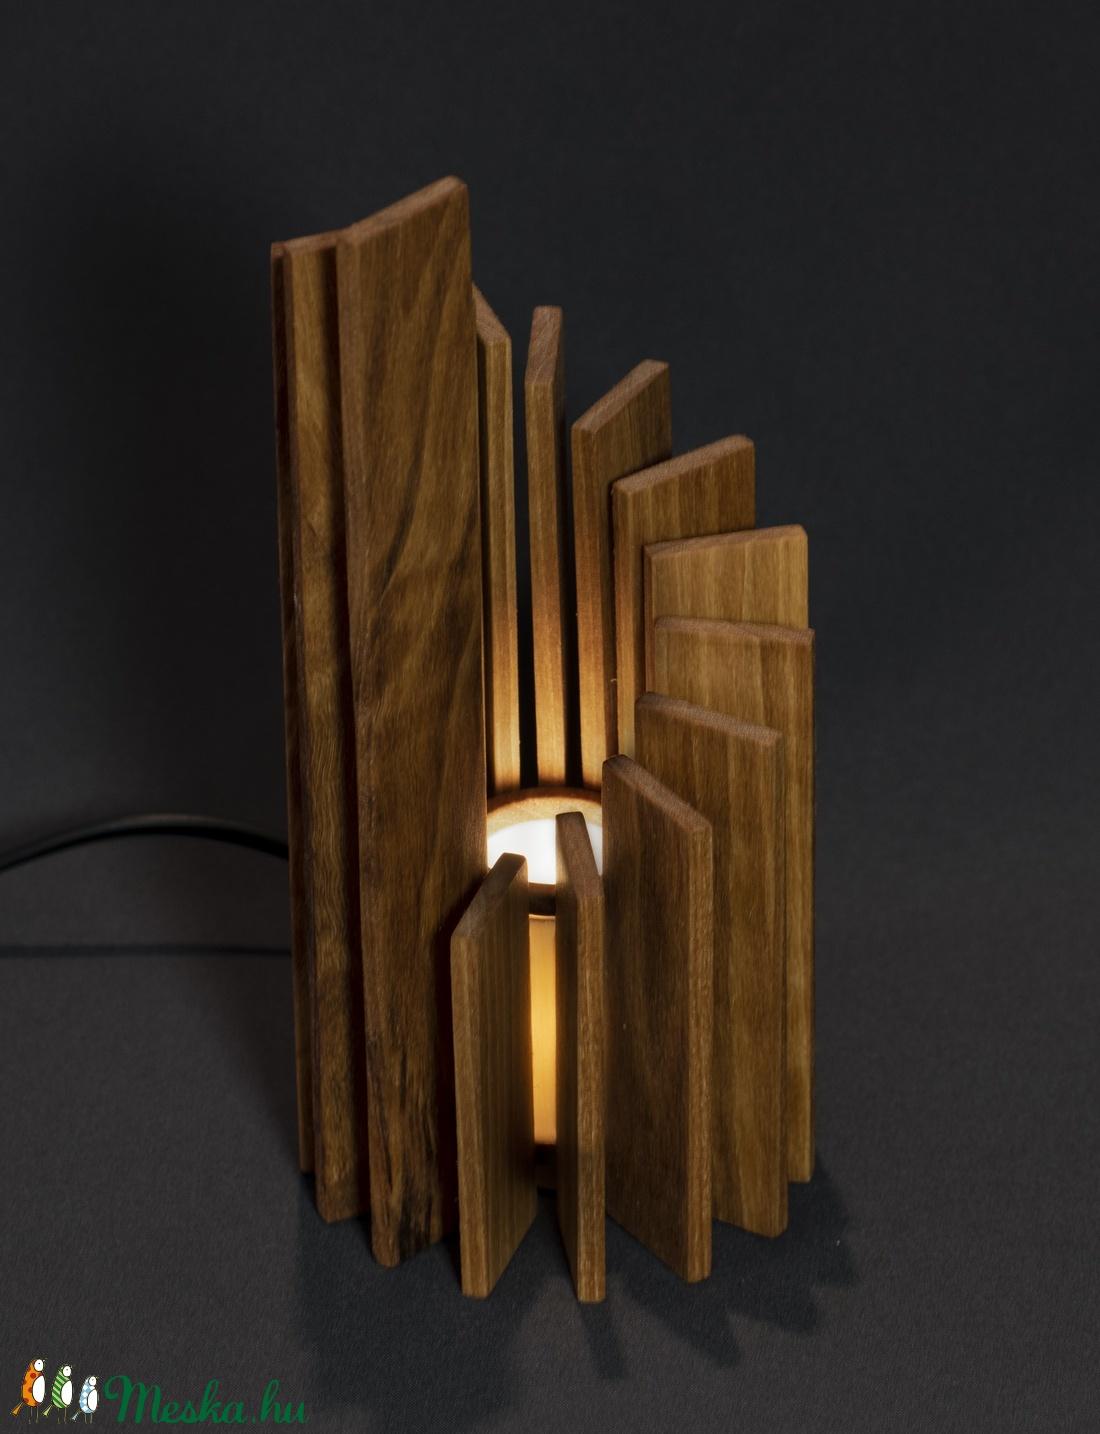 Tower (Deerwooddesign) - Meska.hu